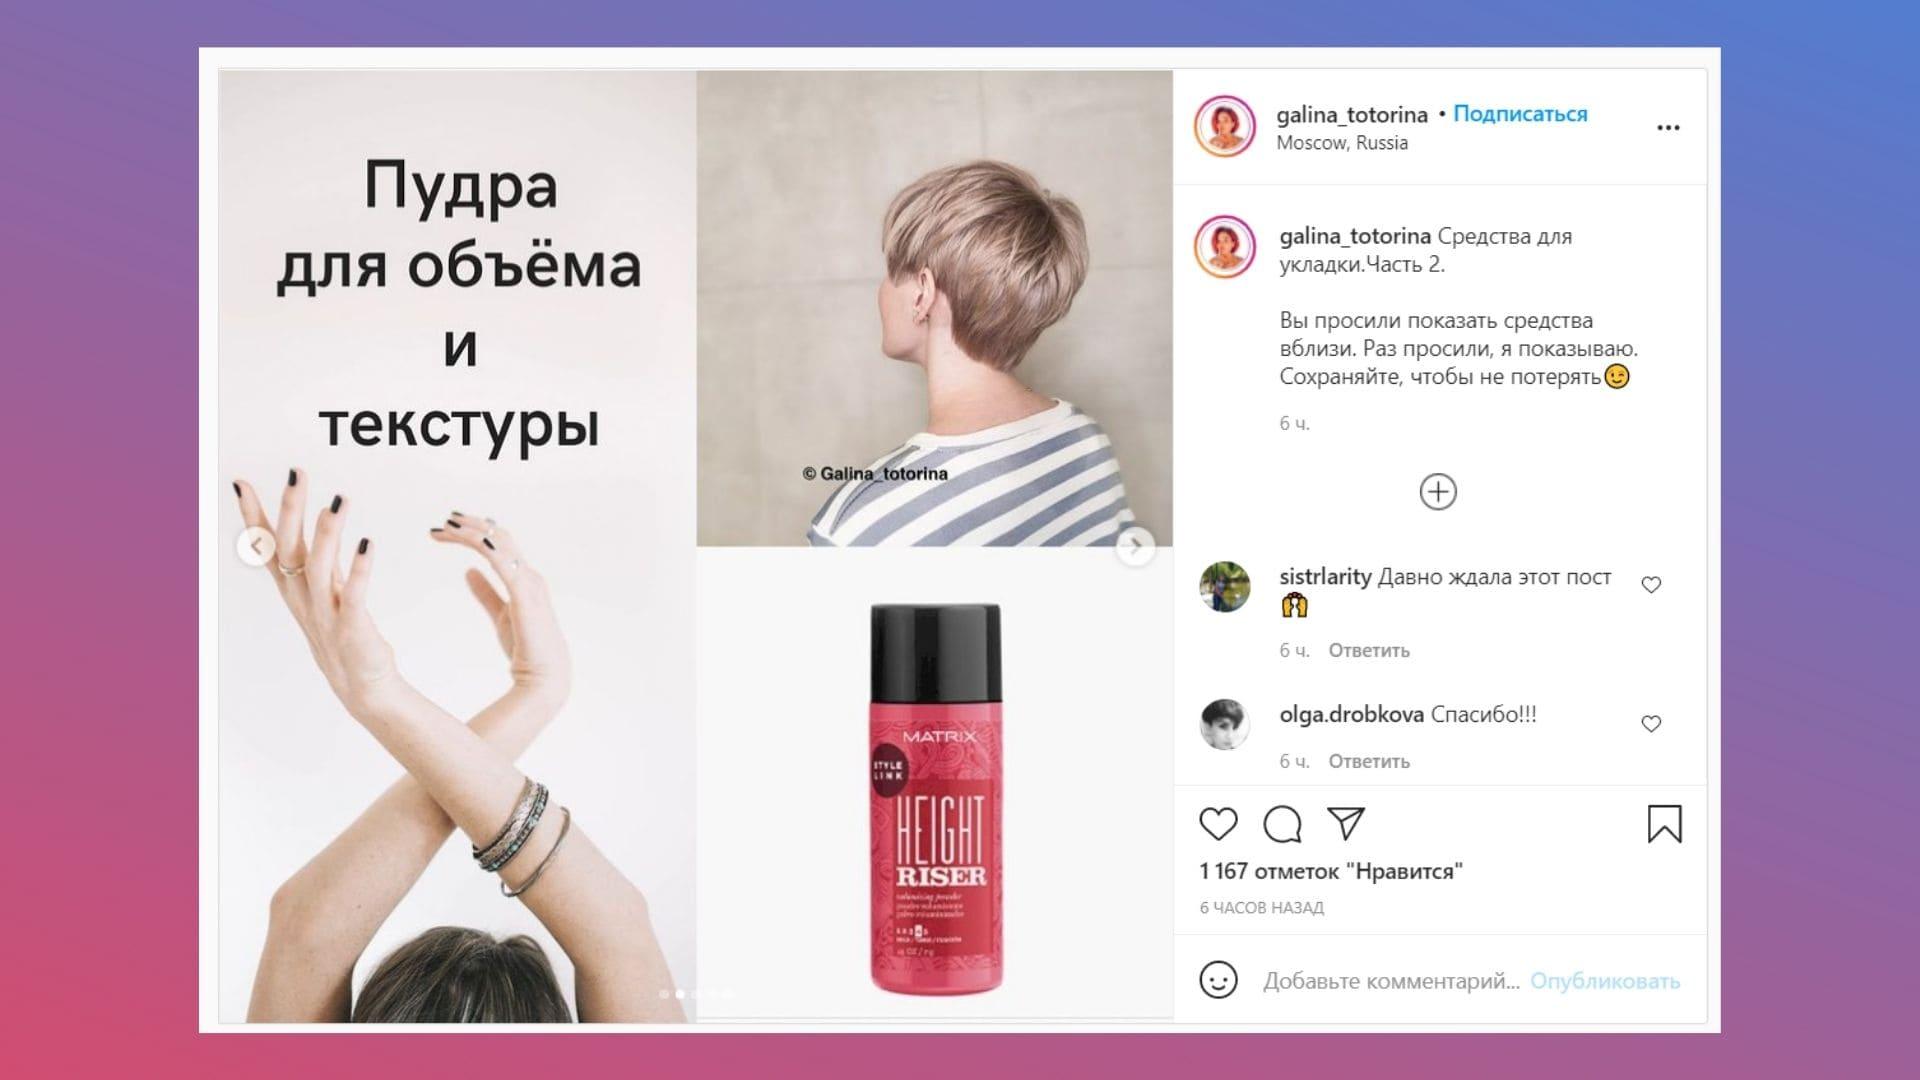 @galina_totorina рассказывает про эффекты средств для укладки волос и показывает их на своих работах